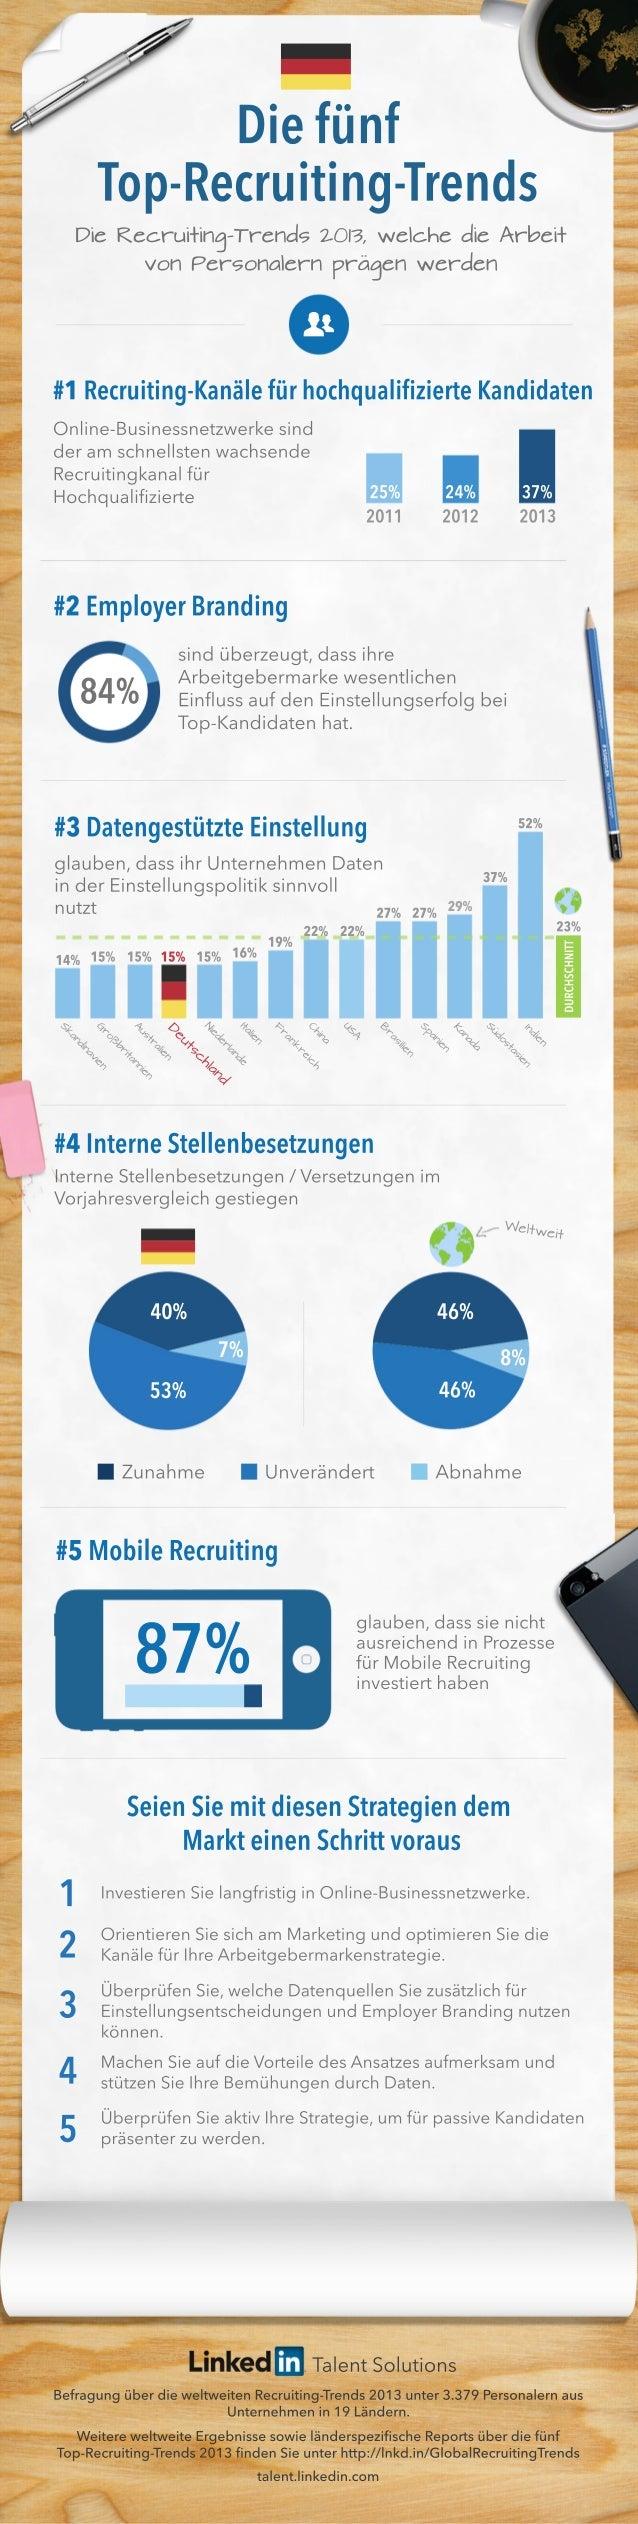 TalentSolutions BefragungüberdieweltweitenRecruiting-Trends2013unter3.379Personalernaus Unternehmenin19Ländern. Weiterewel...